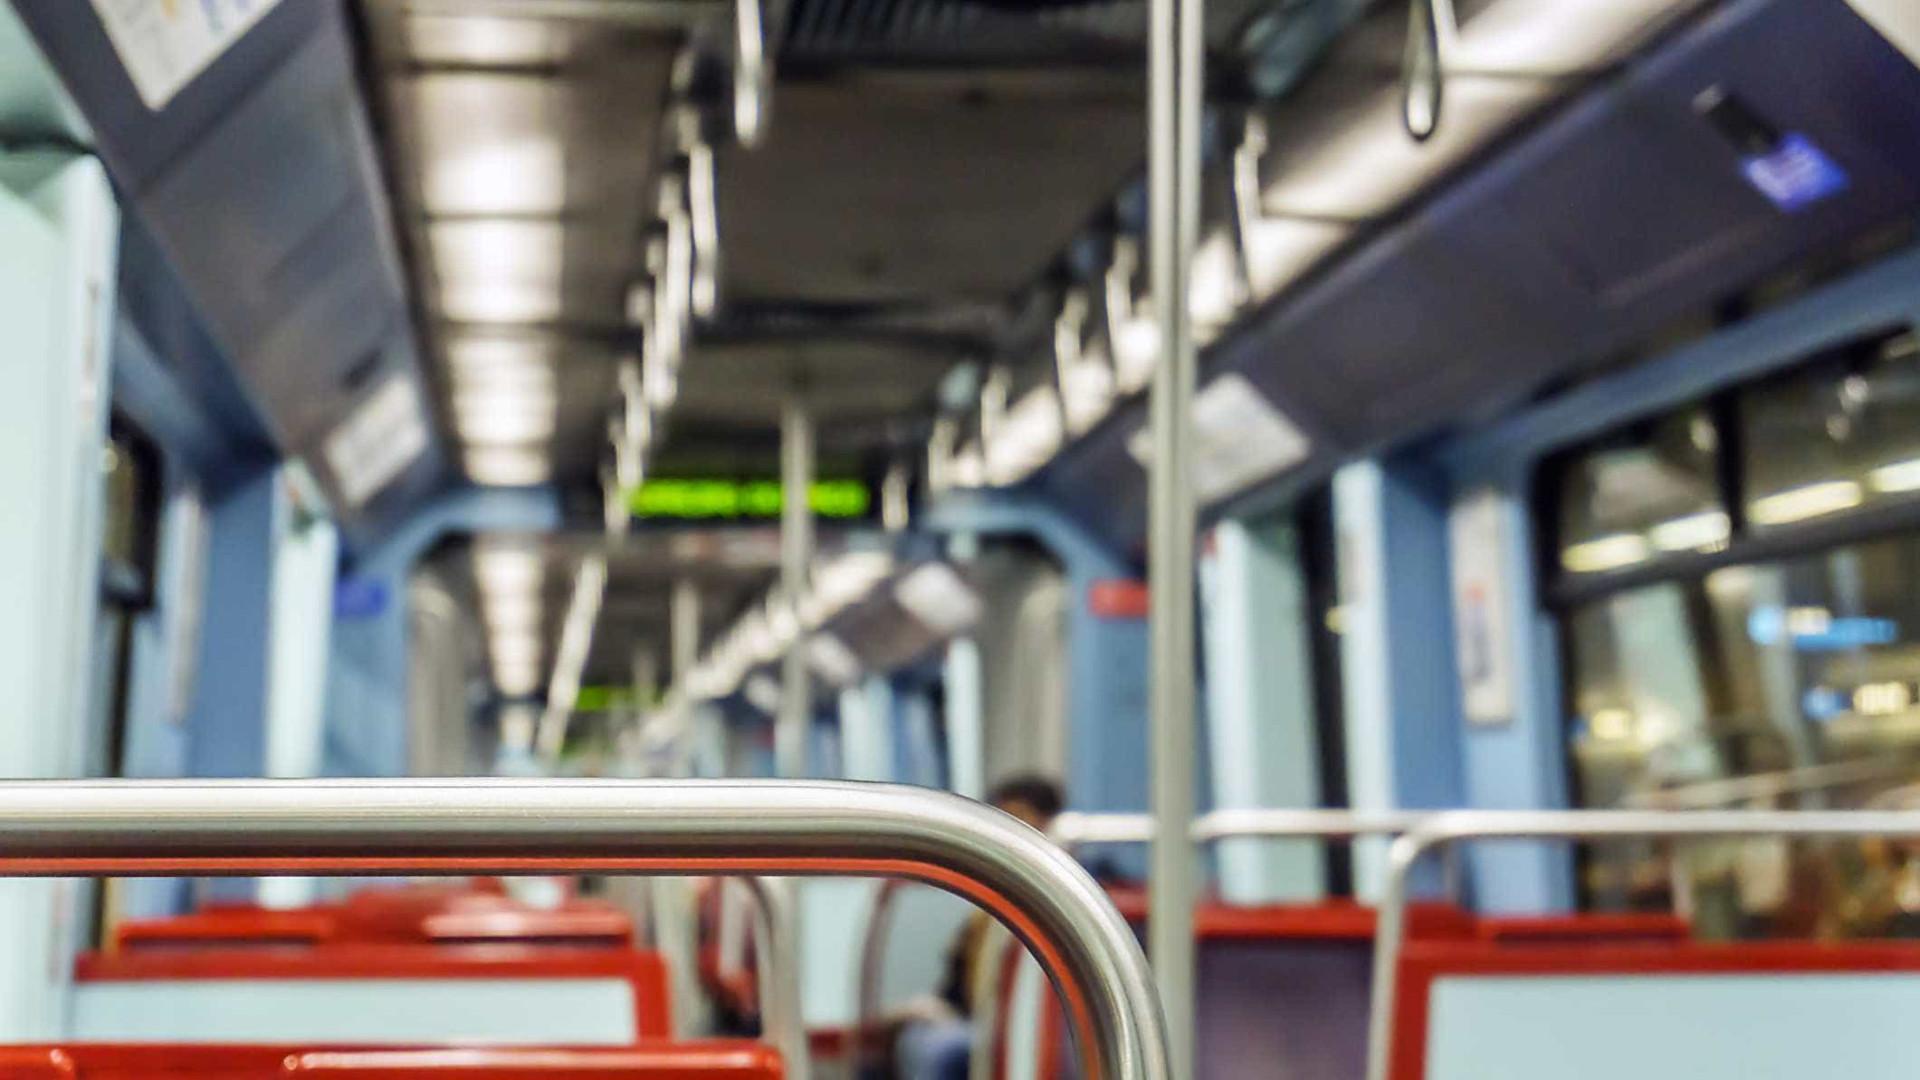 Jovens apanhados a roubar no Metro de Lisboa. Um deles é menor